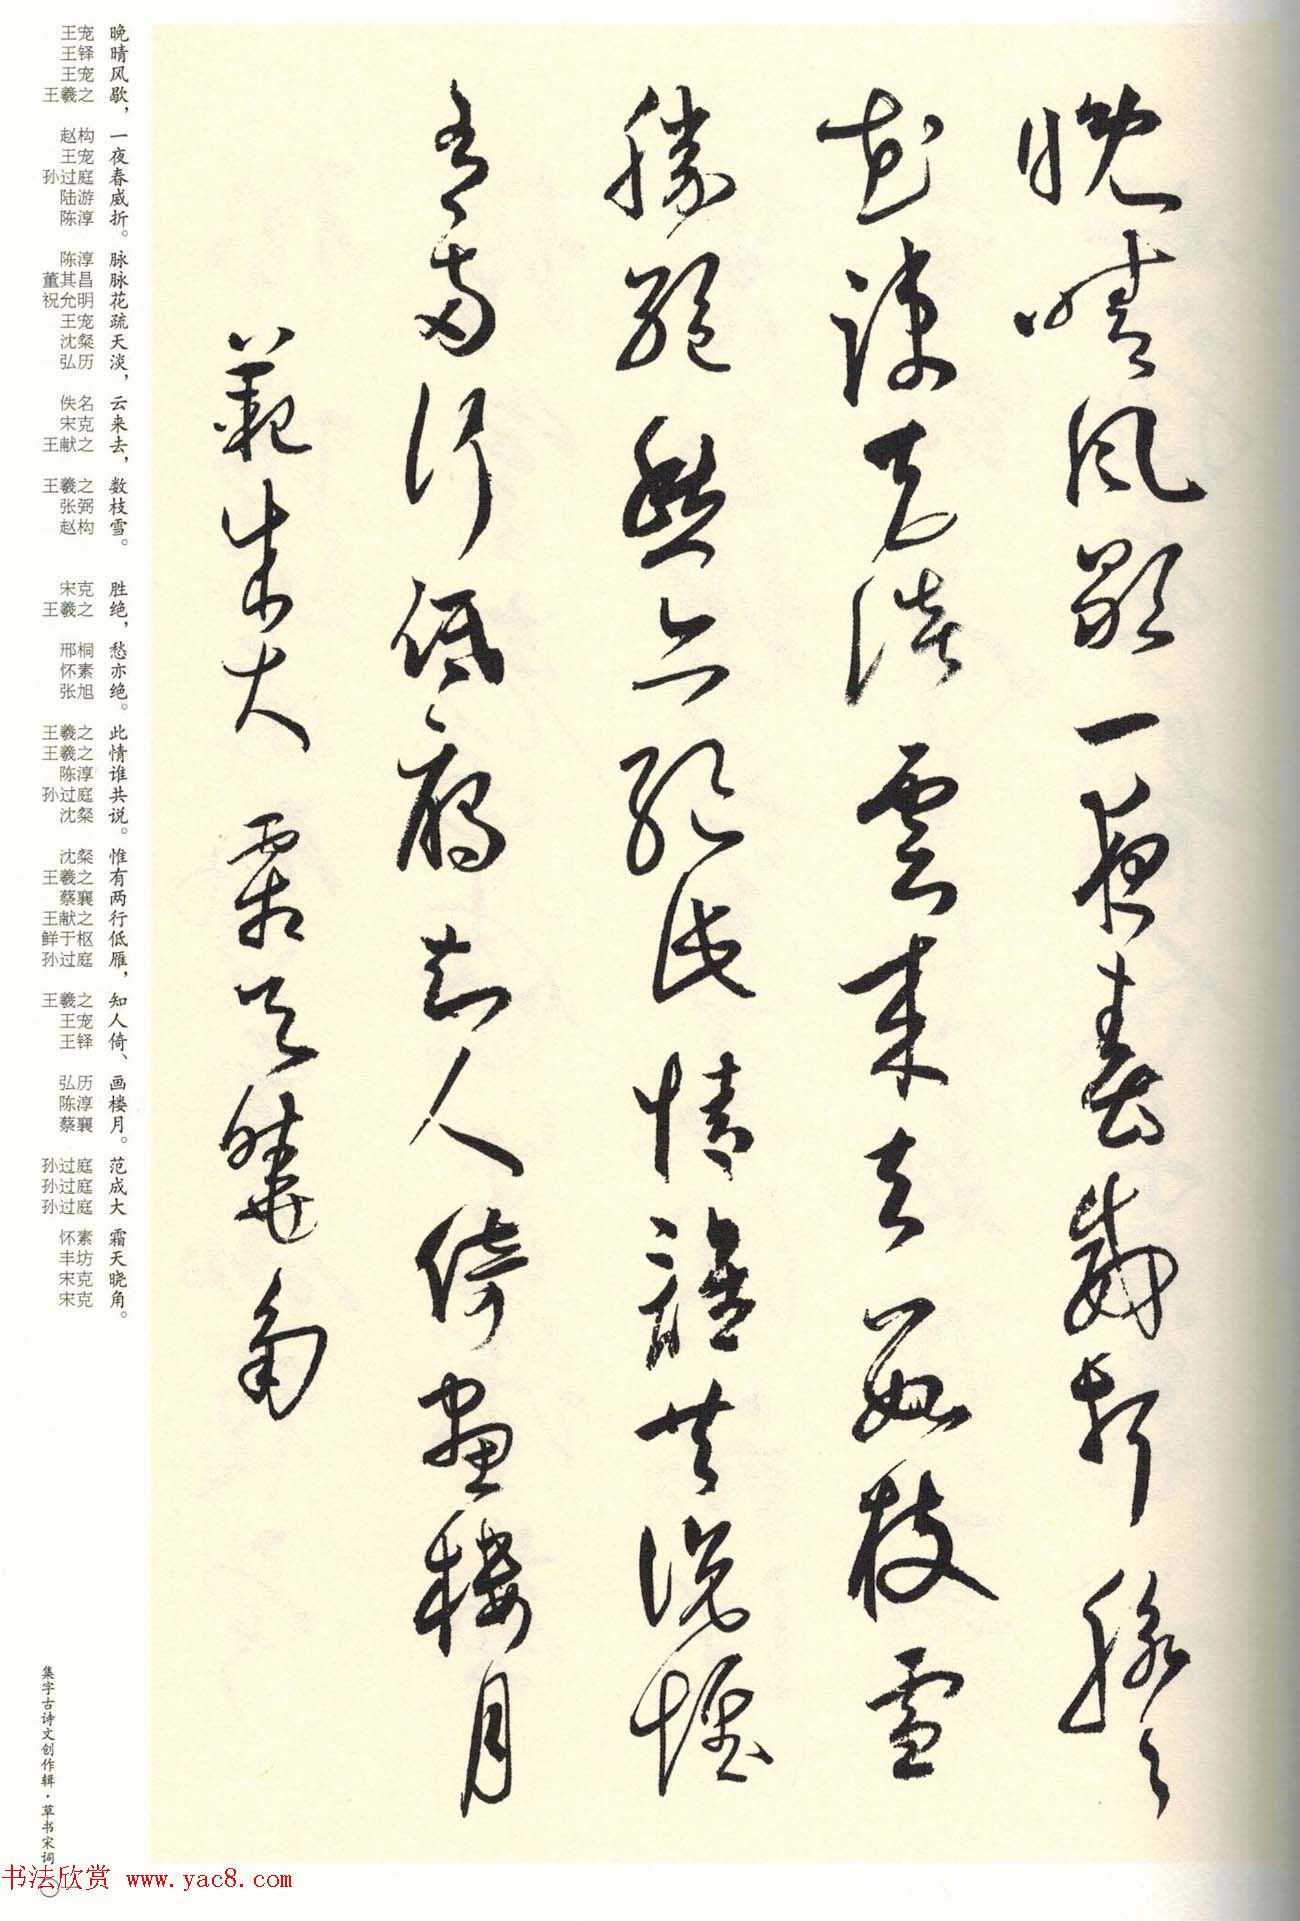 历代书法名家草书集字帖欣赏《草书宋词》